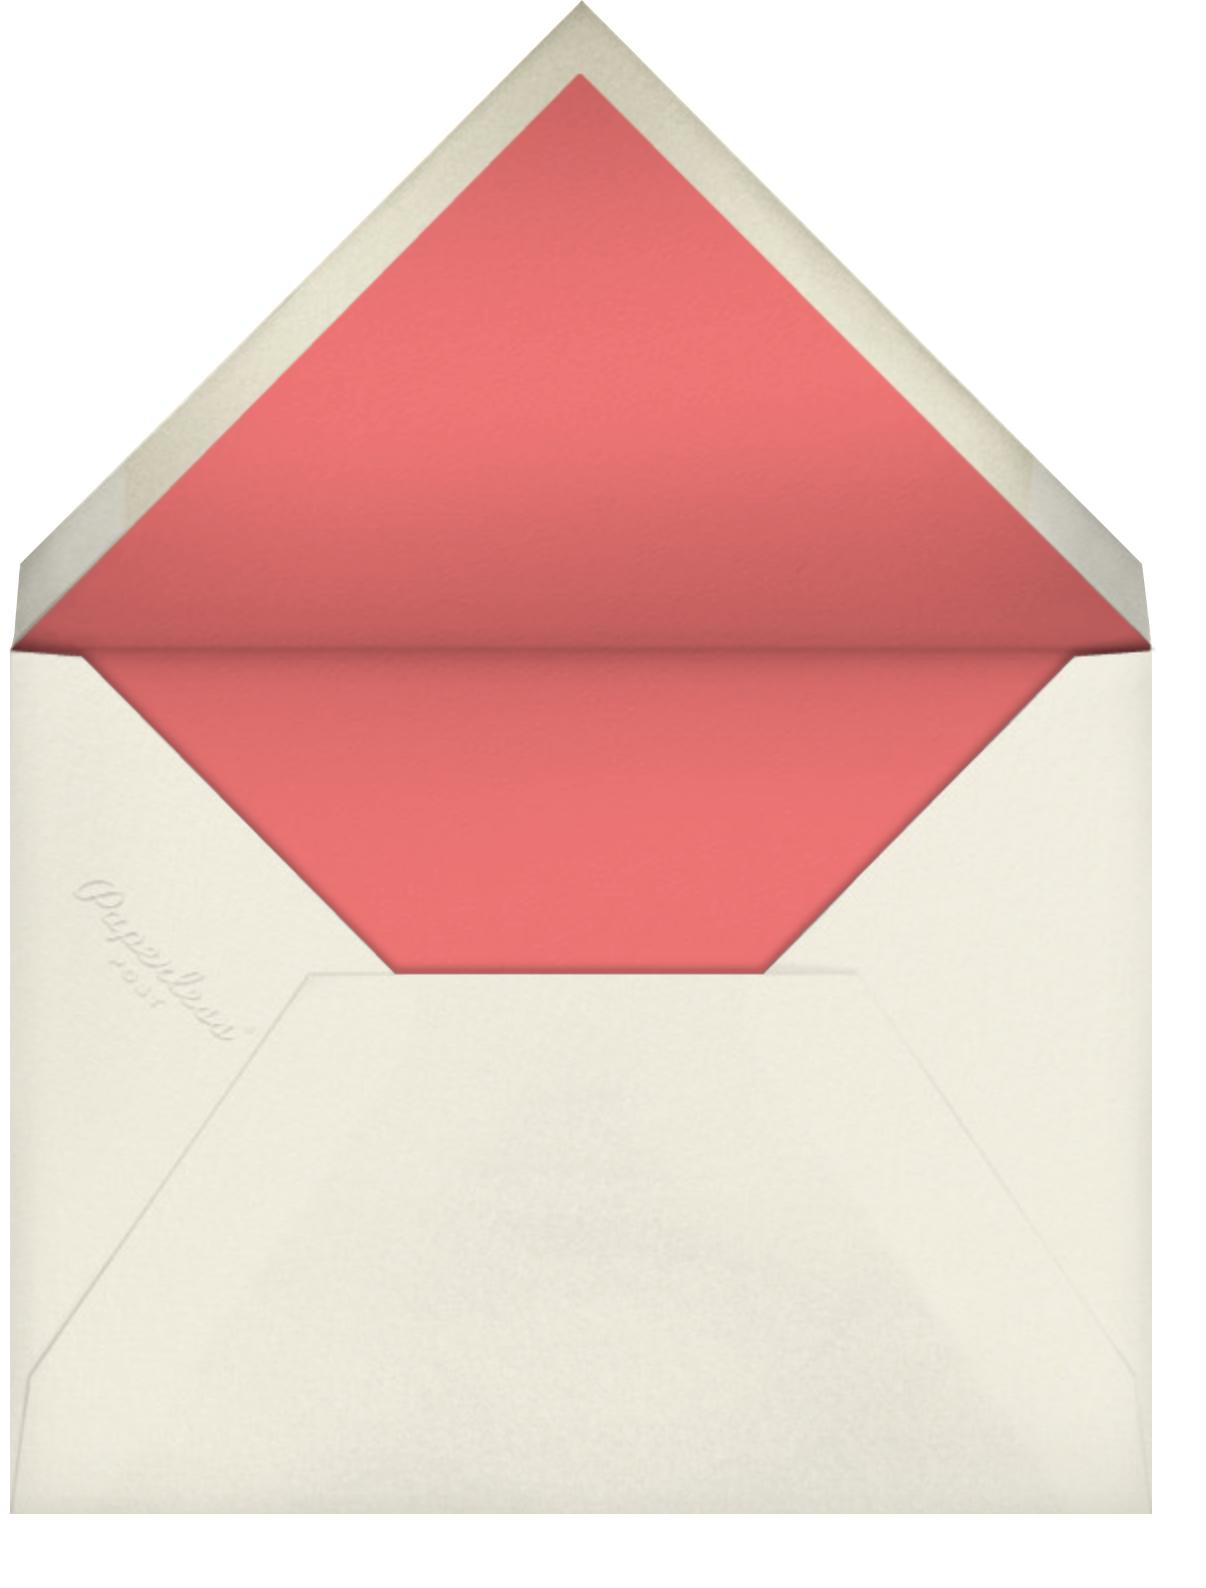 Petit Jardin - Coral - Anthropologie - Mother's Day - envelope back